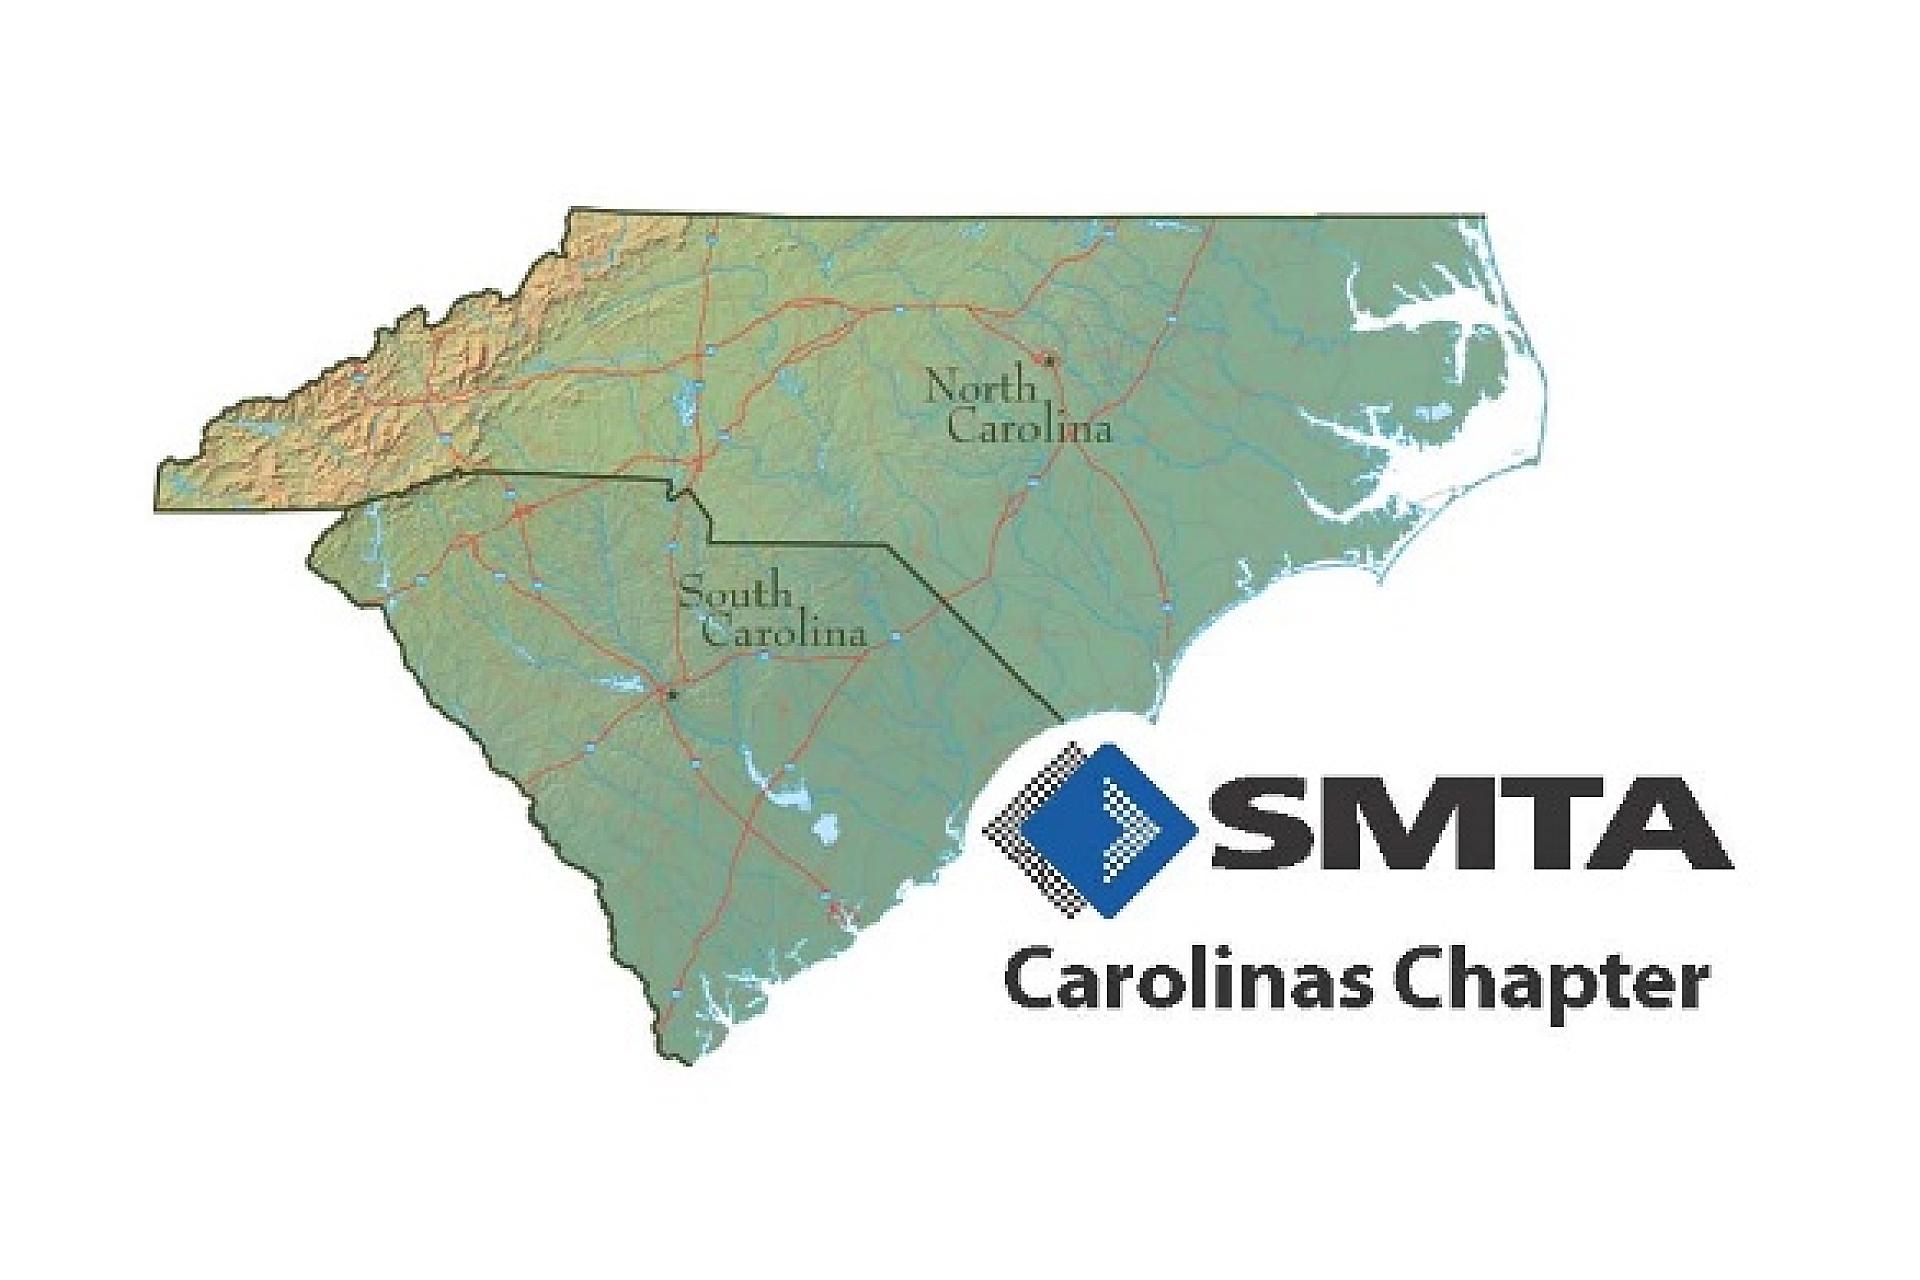 SMTA-Carolinas